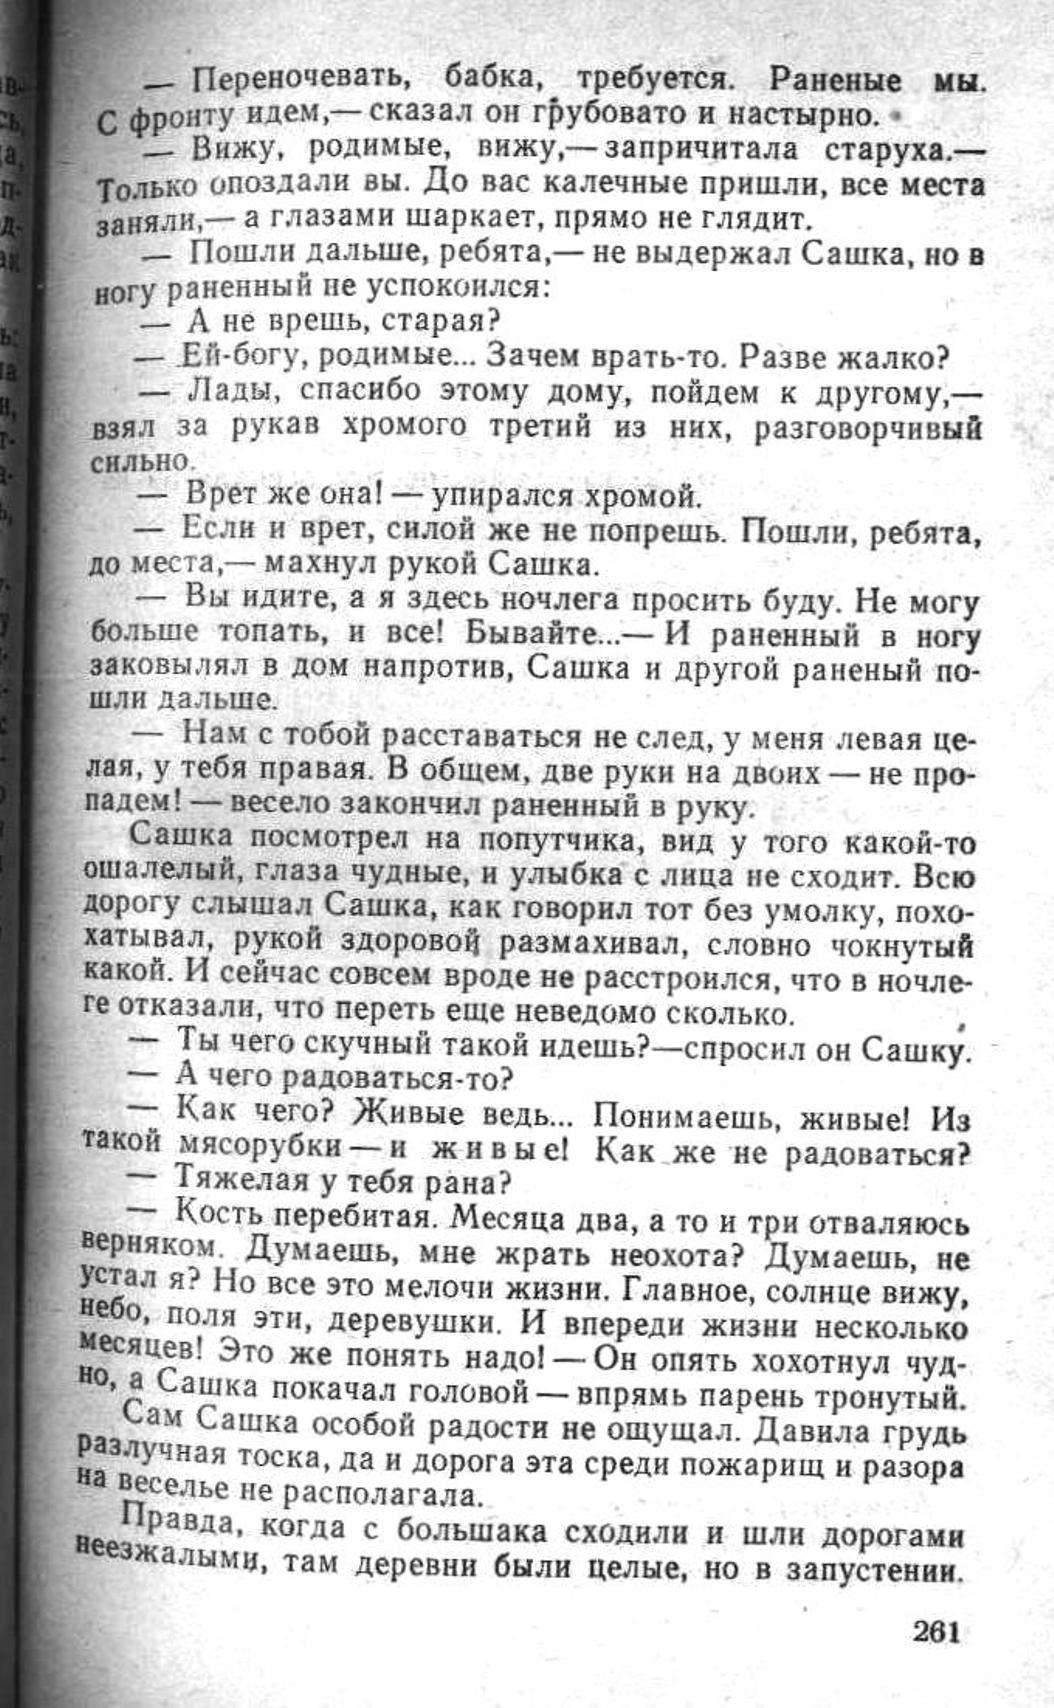 Сашка. Повесть. Вячеслав Кондратьев. 012. 006